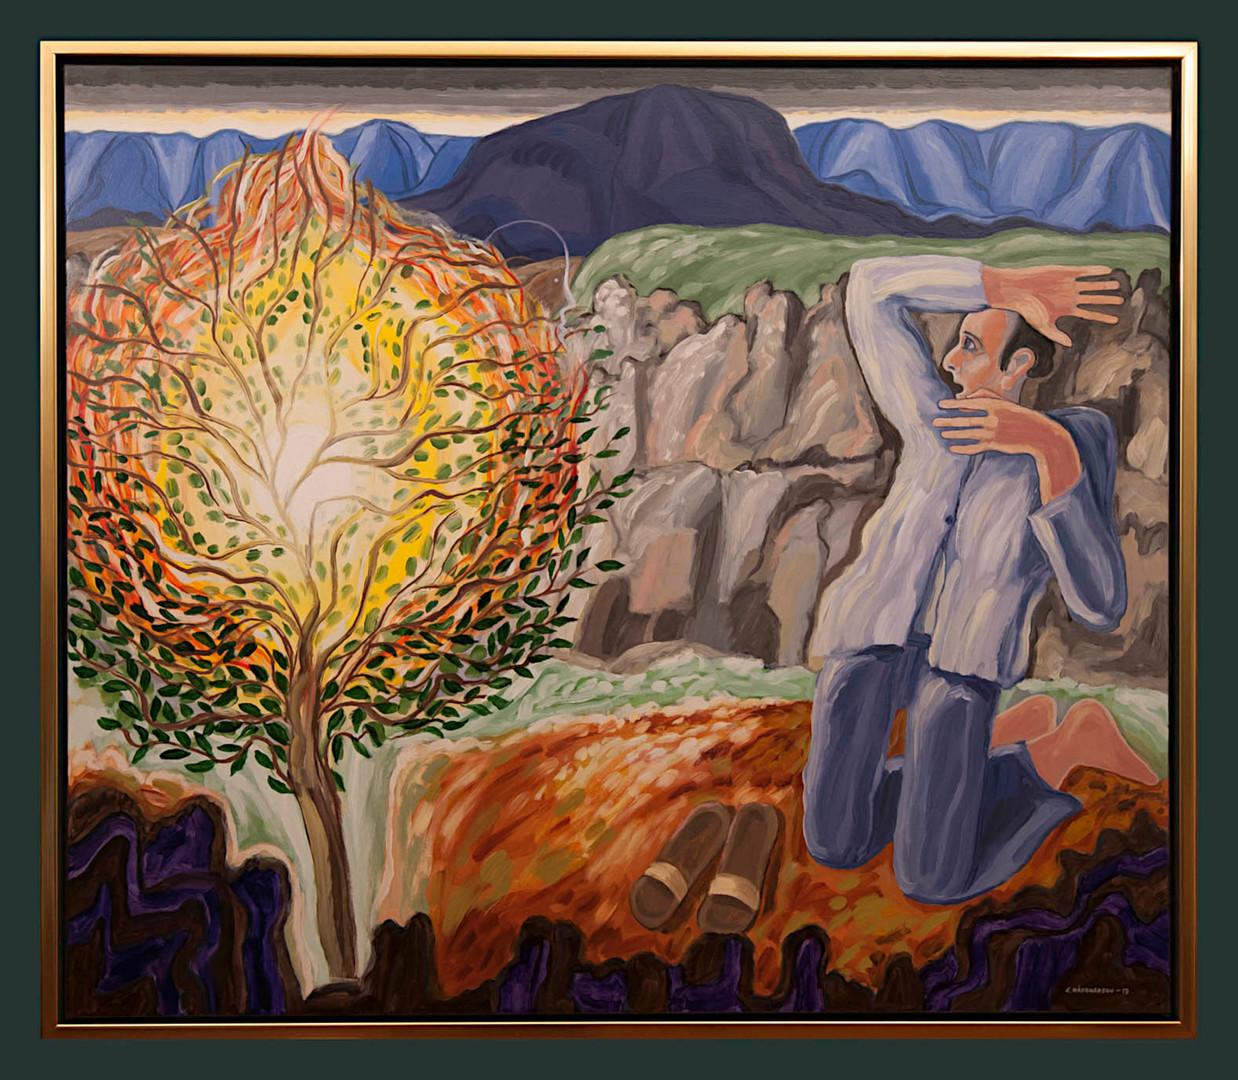 A revelation in Helgafell (Burning bush)